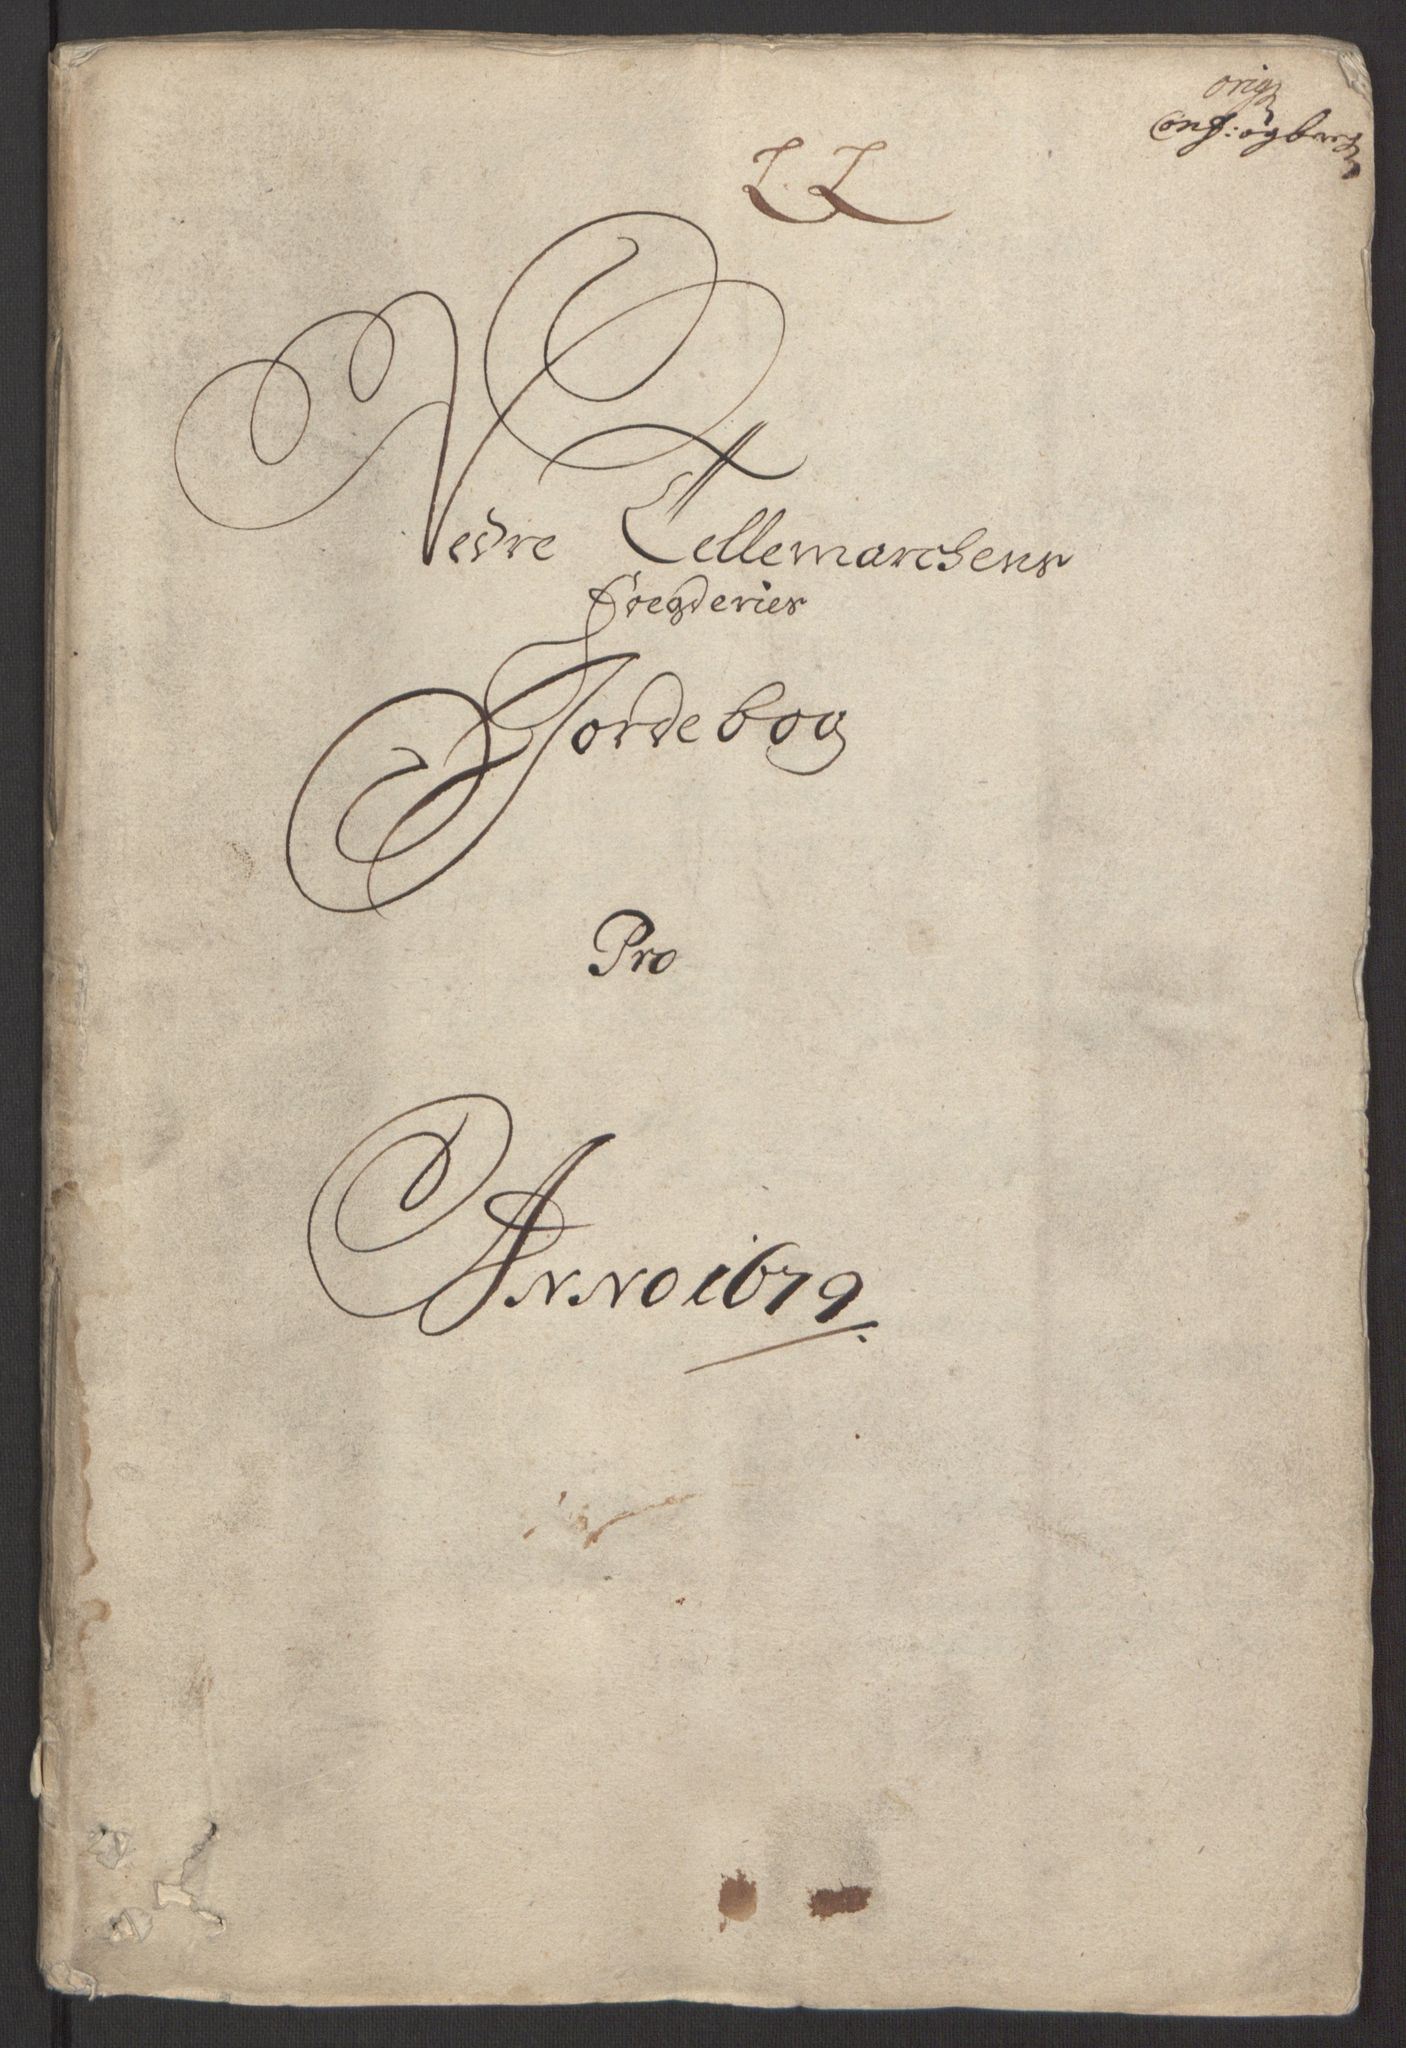 RA, Rentekammeret inntil 1814, Reviderte regnskaper, Fogderegnskap, R35/L2072: Fogderegnskap Øvre og Nedre Telemark, 1679, s. 5